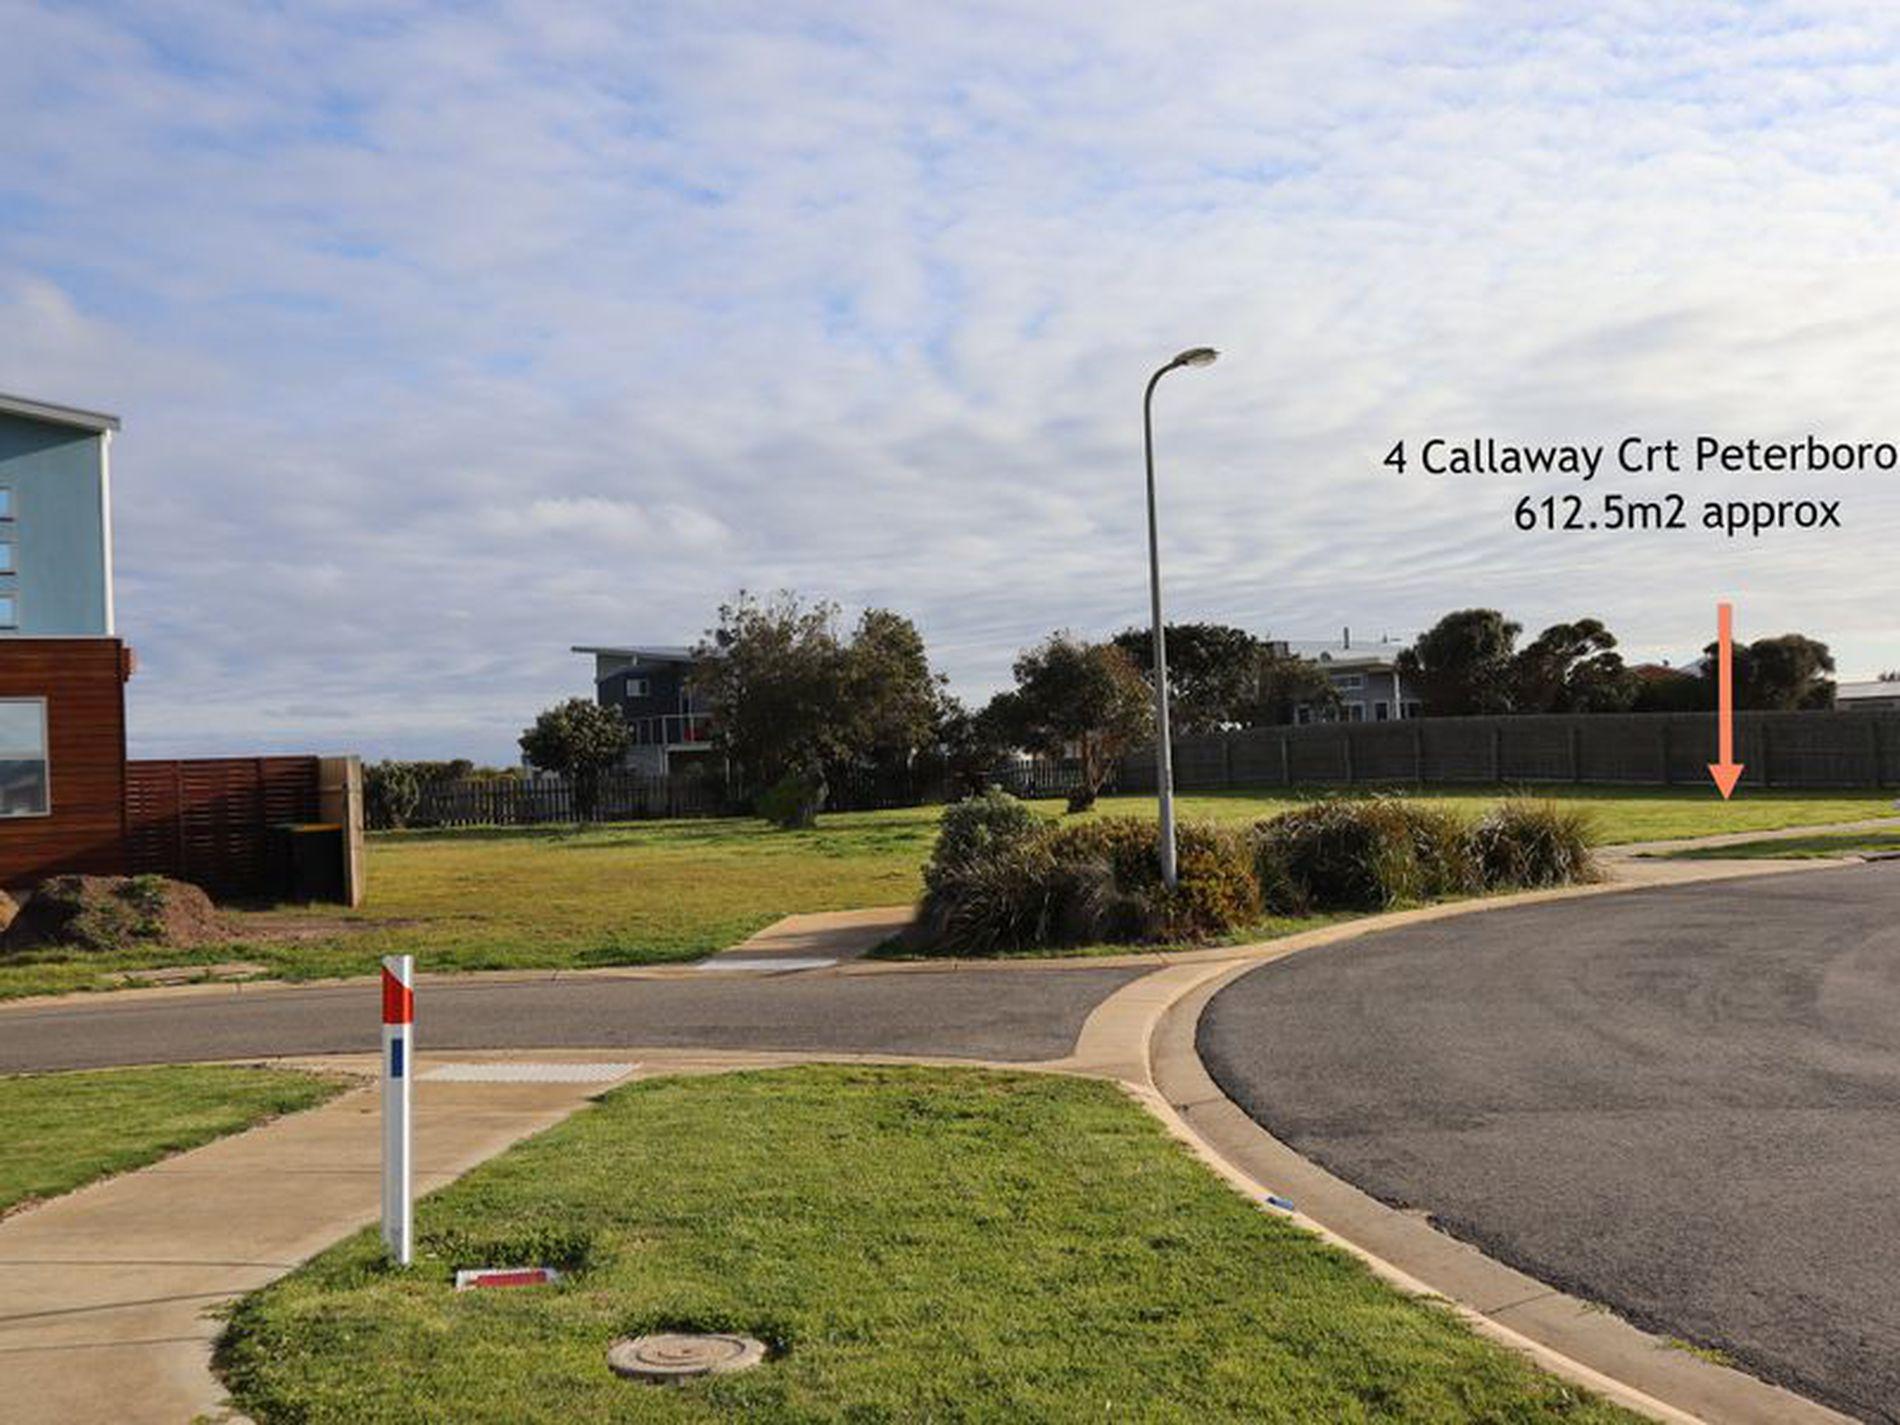 4 Callaway Court, Peterborough